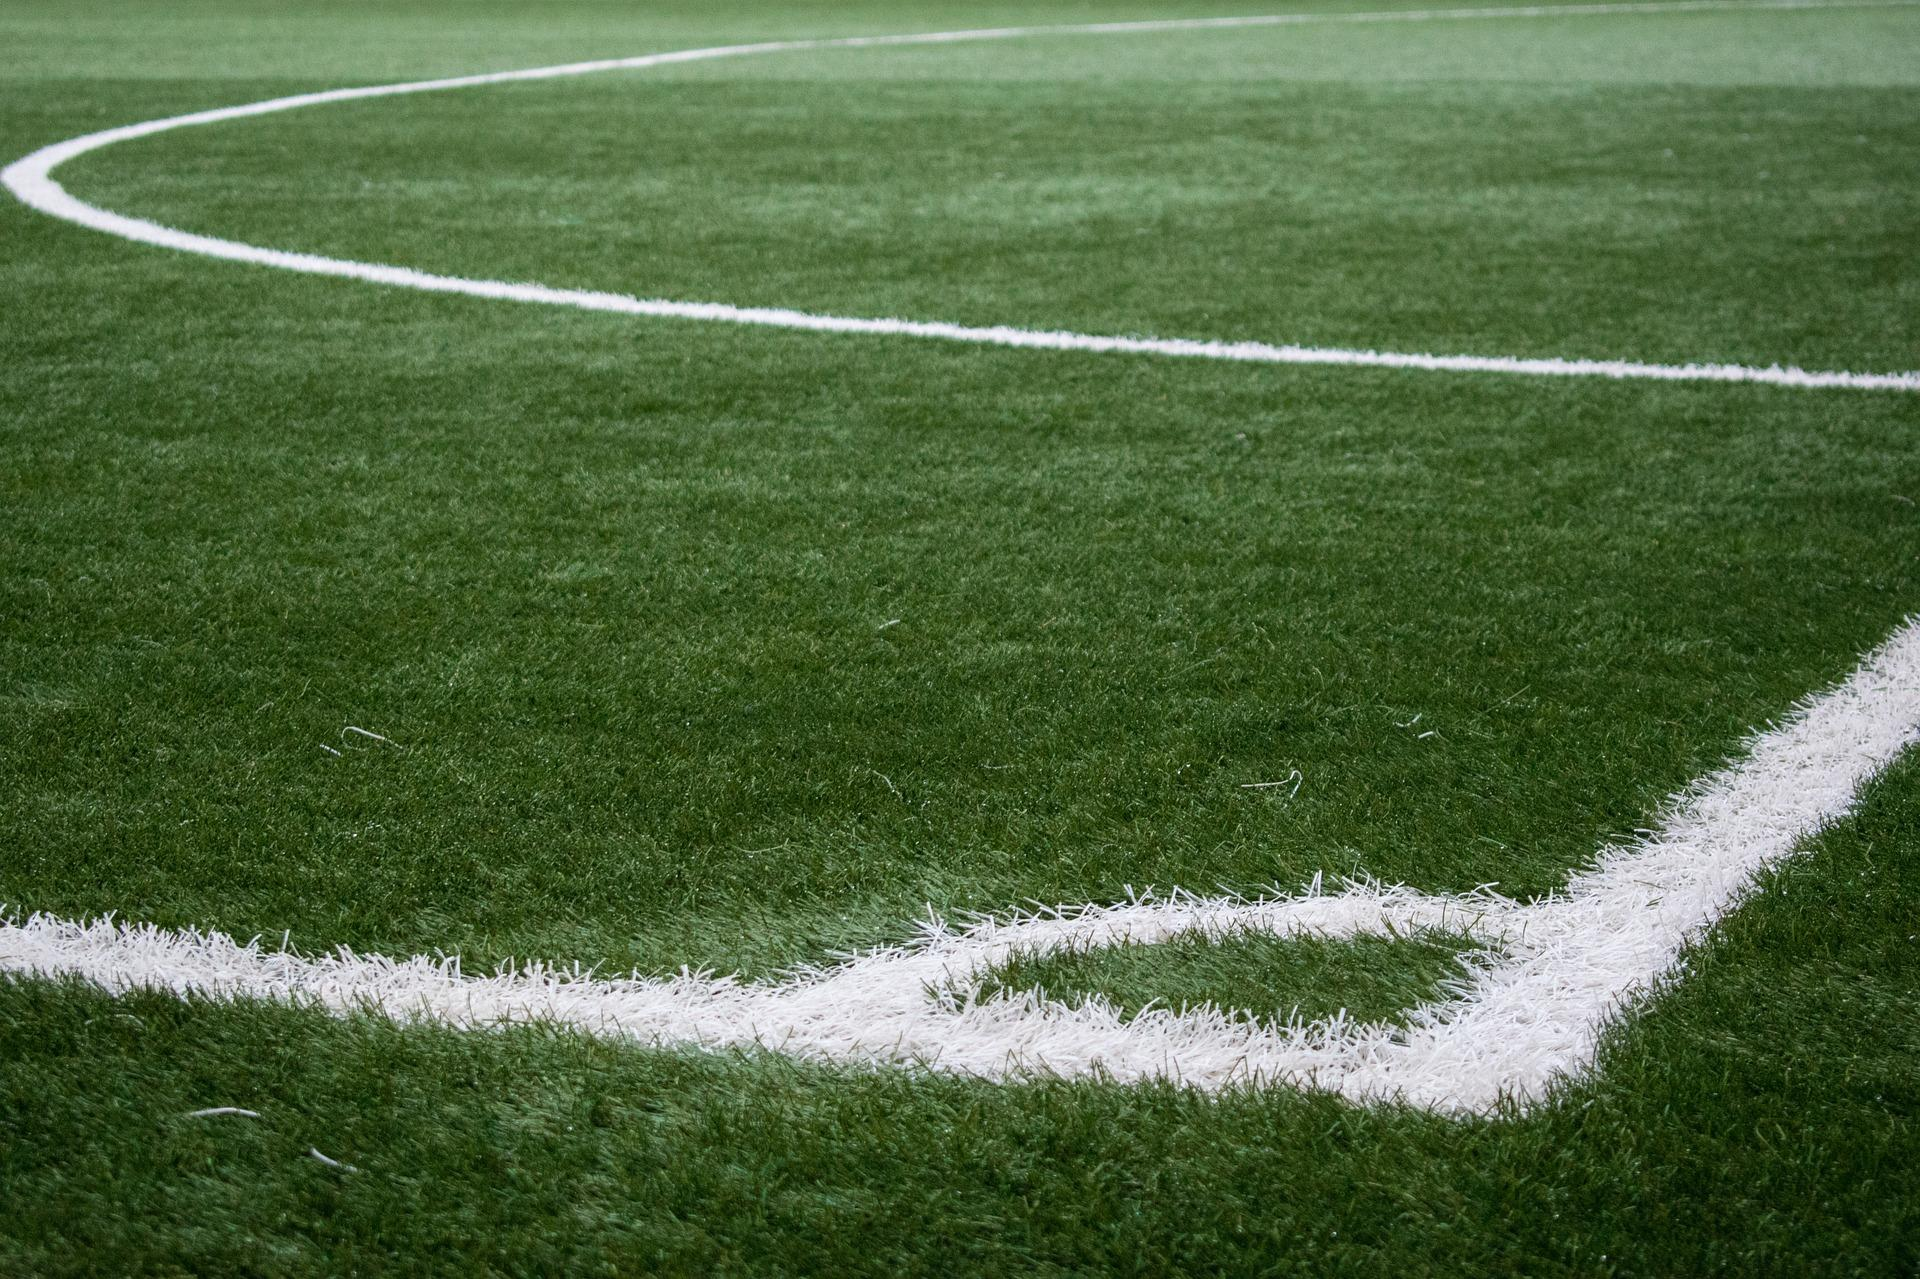 Noordwijk kroont zich tot kampioen van de derde divisie